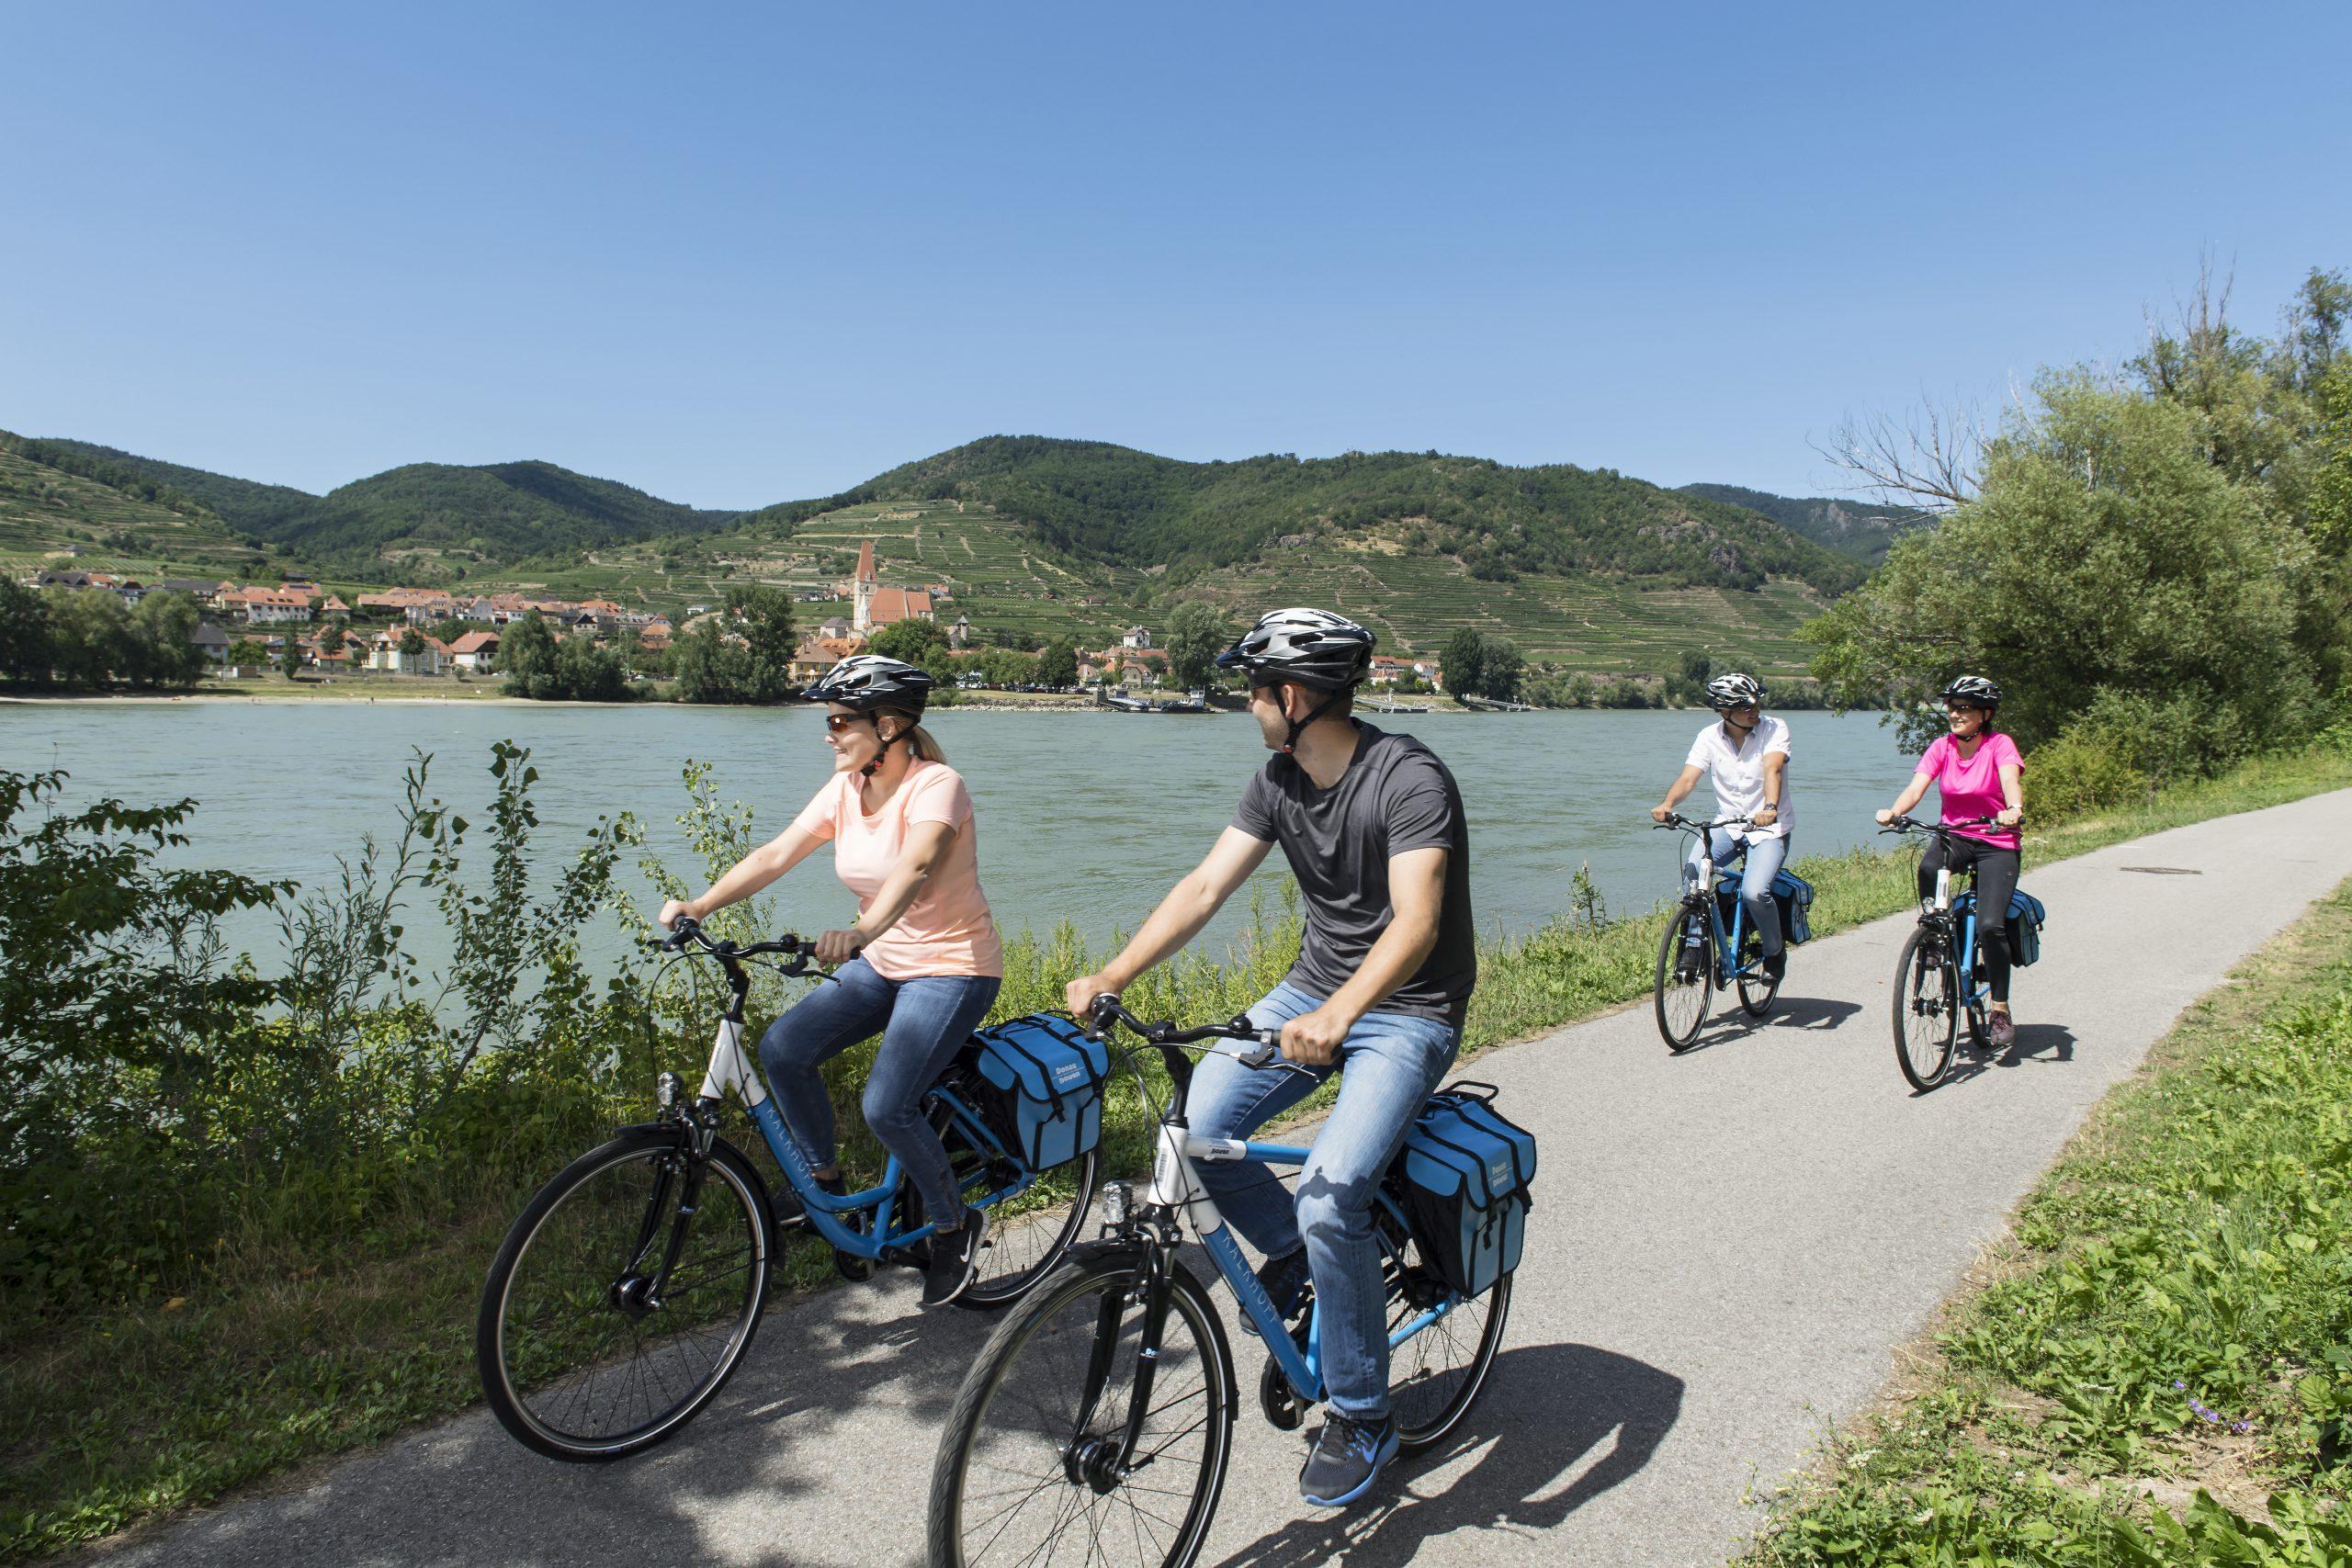 Radfahren entlang der Donau in Passau